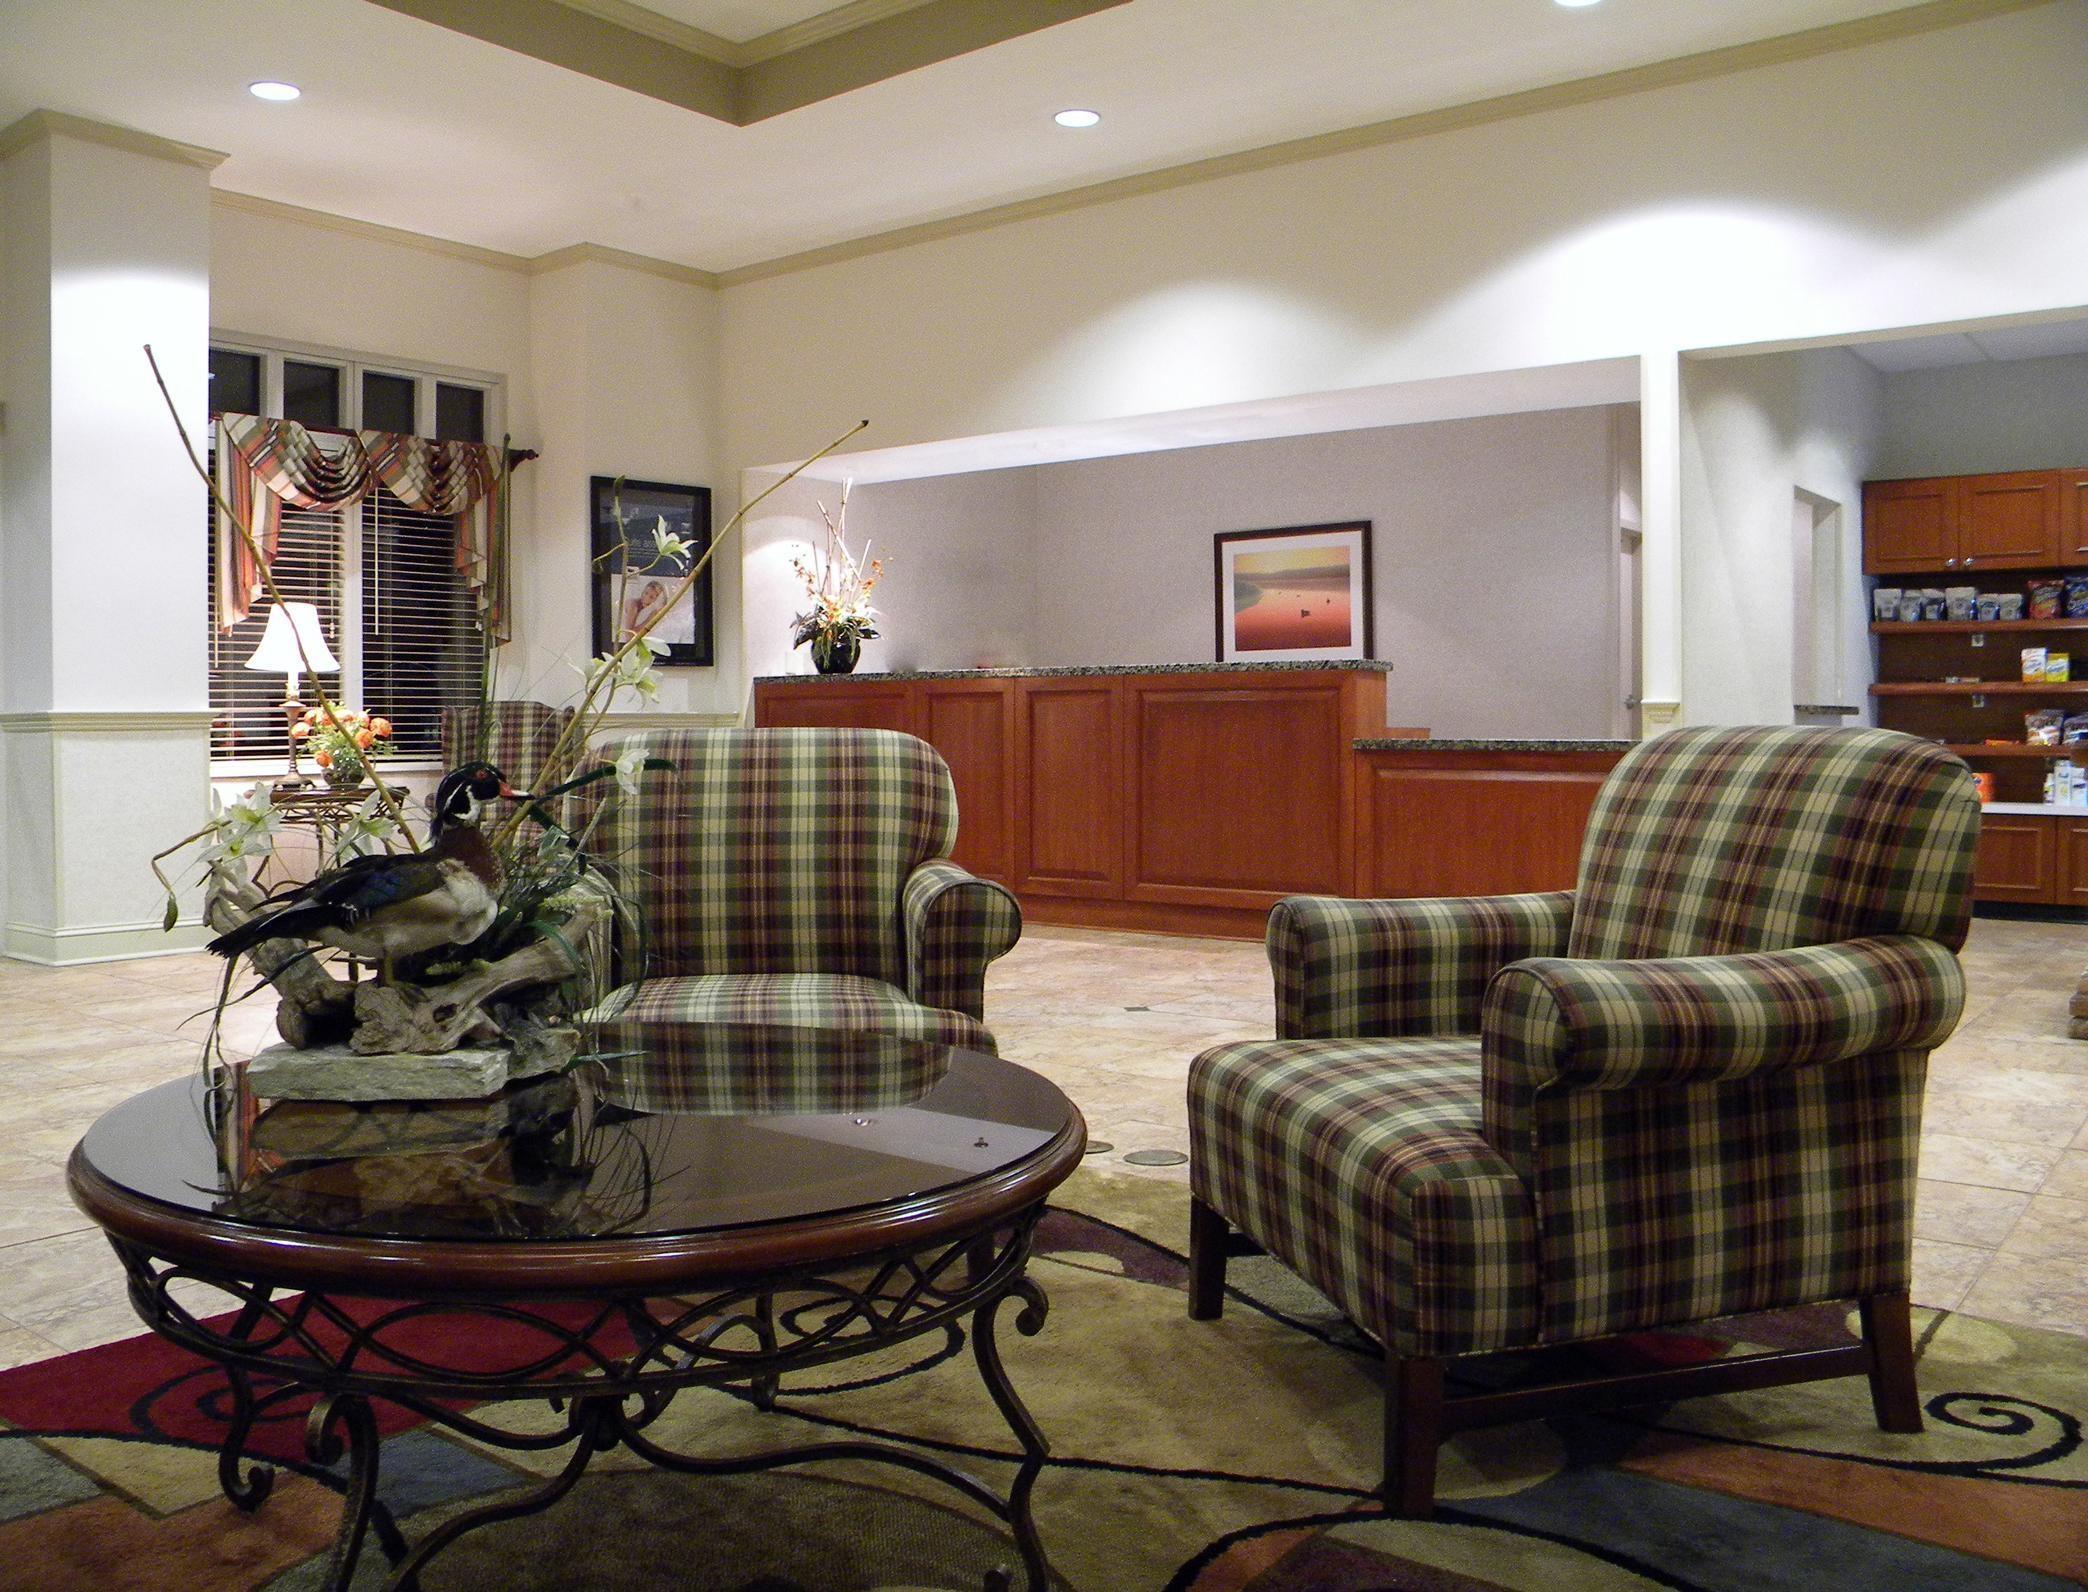 Homewood Suites by Hilton Charleston - Mt. Pleasant image 1